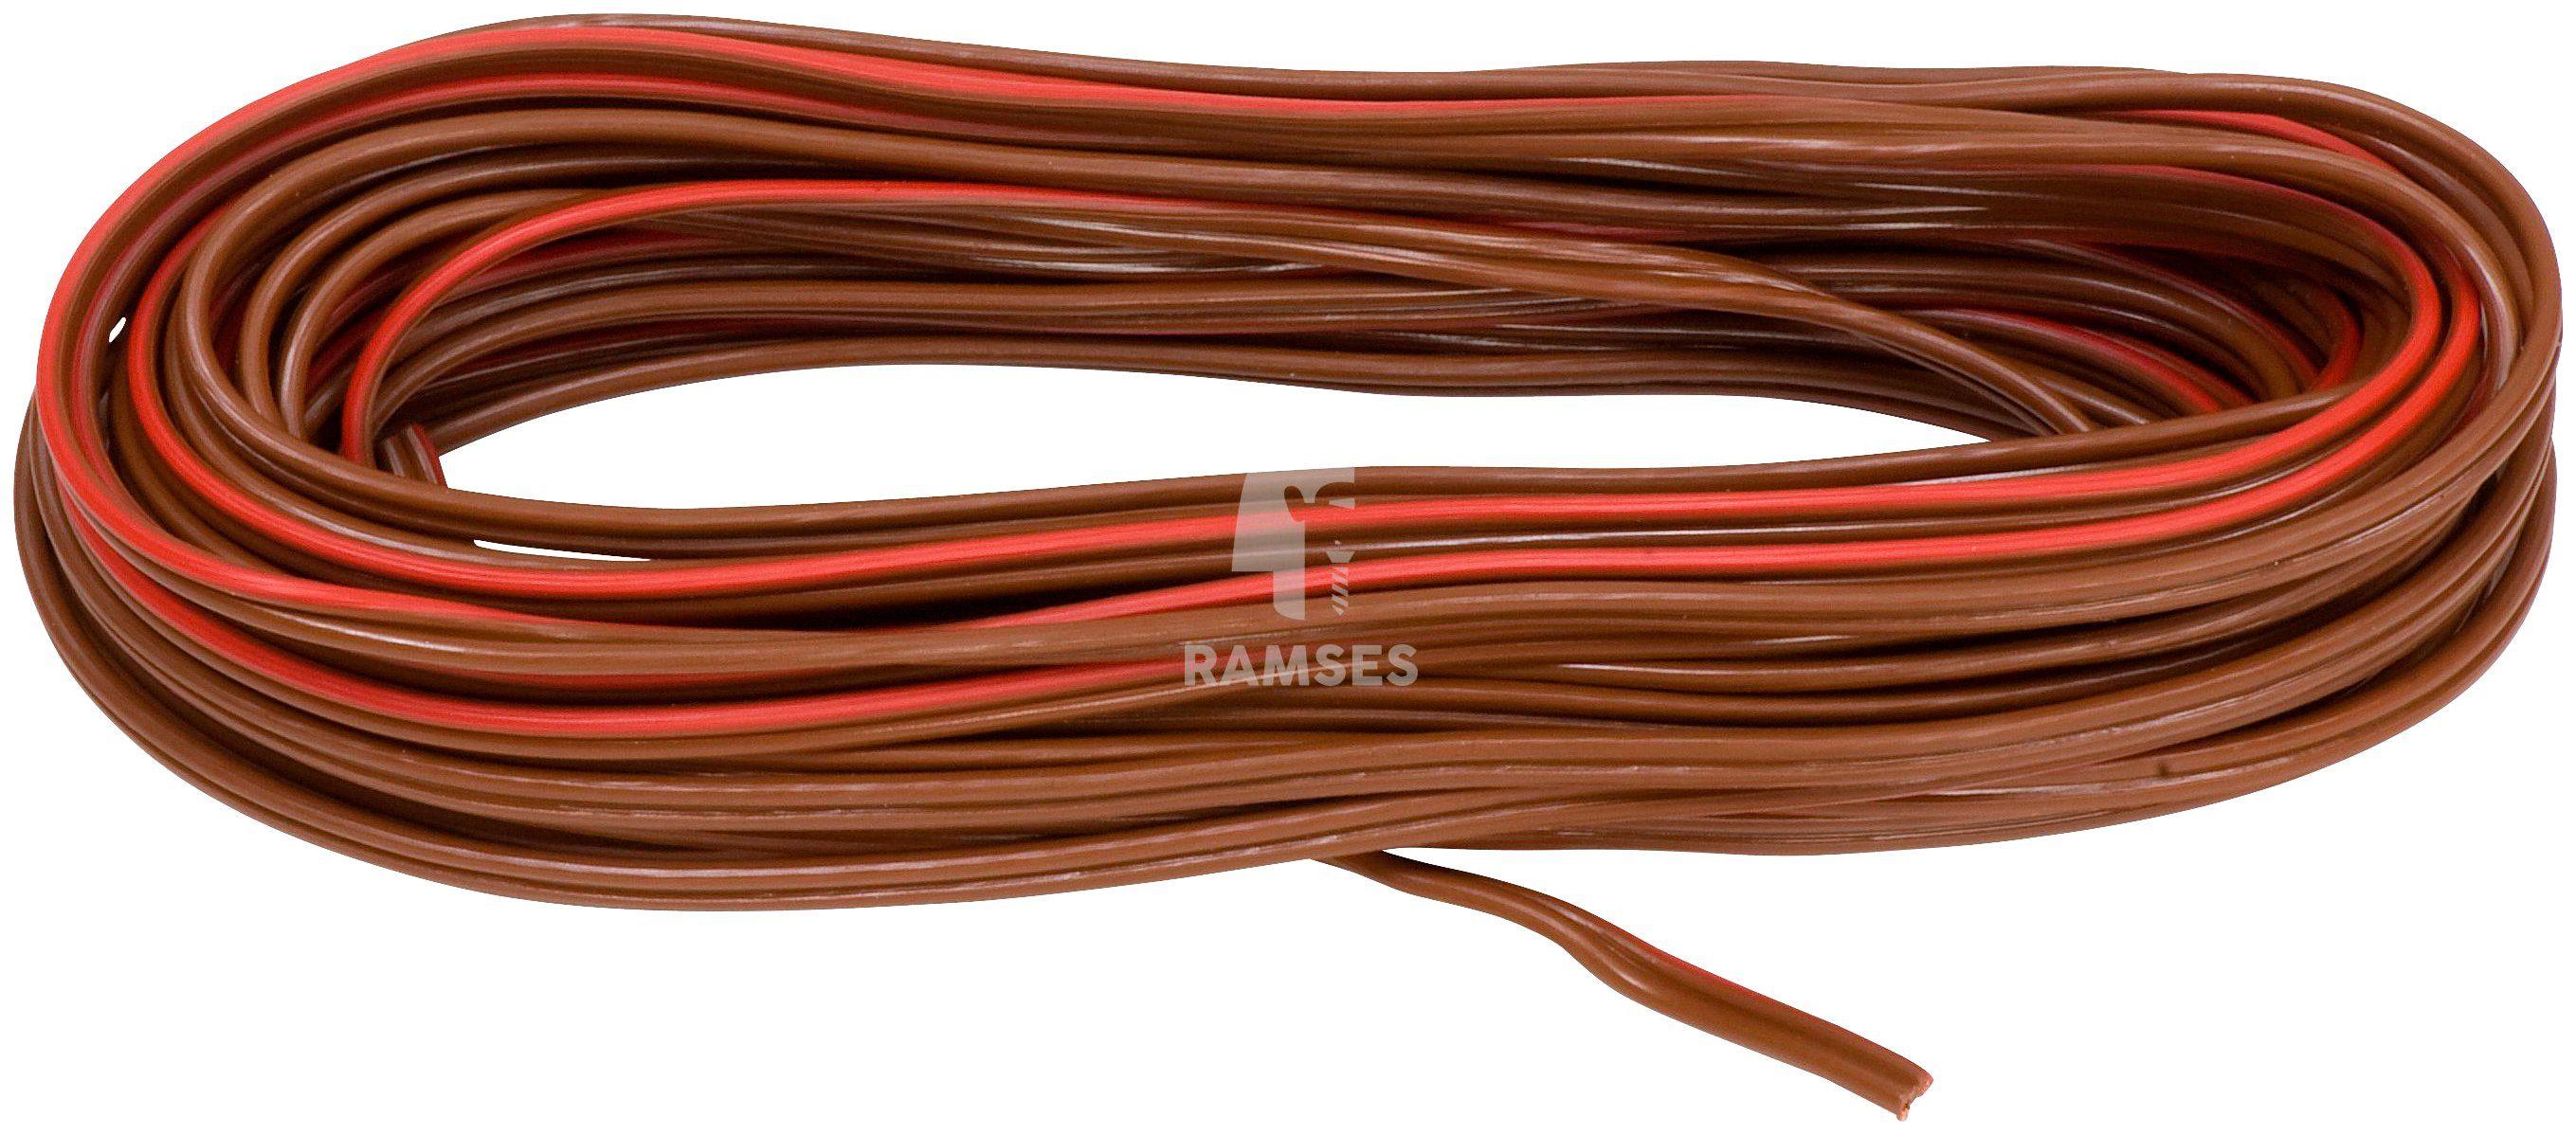 RAMSES Fahrzeugleitung , Lautsprecherleitung Rot/Braun 2 x 1,5 mm² 50 Meter